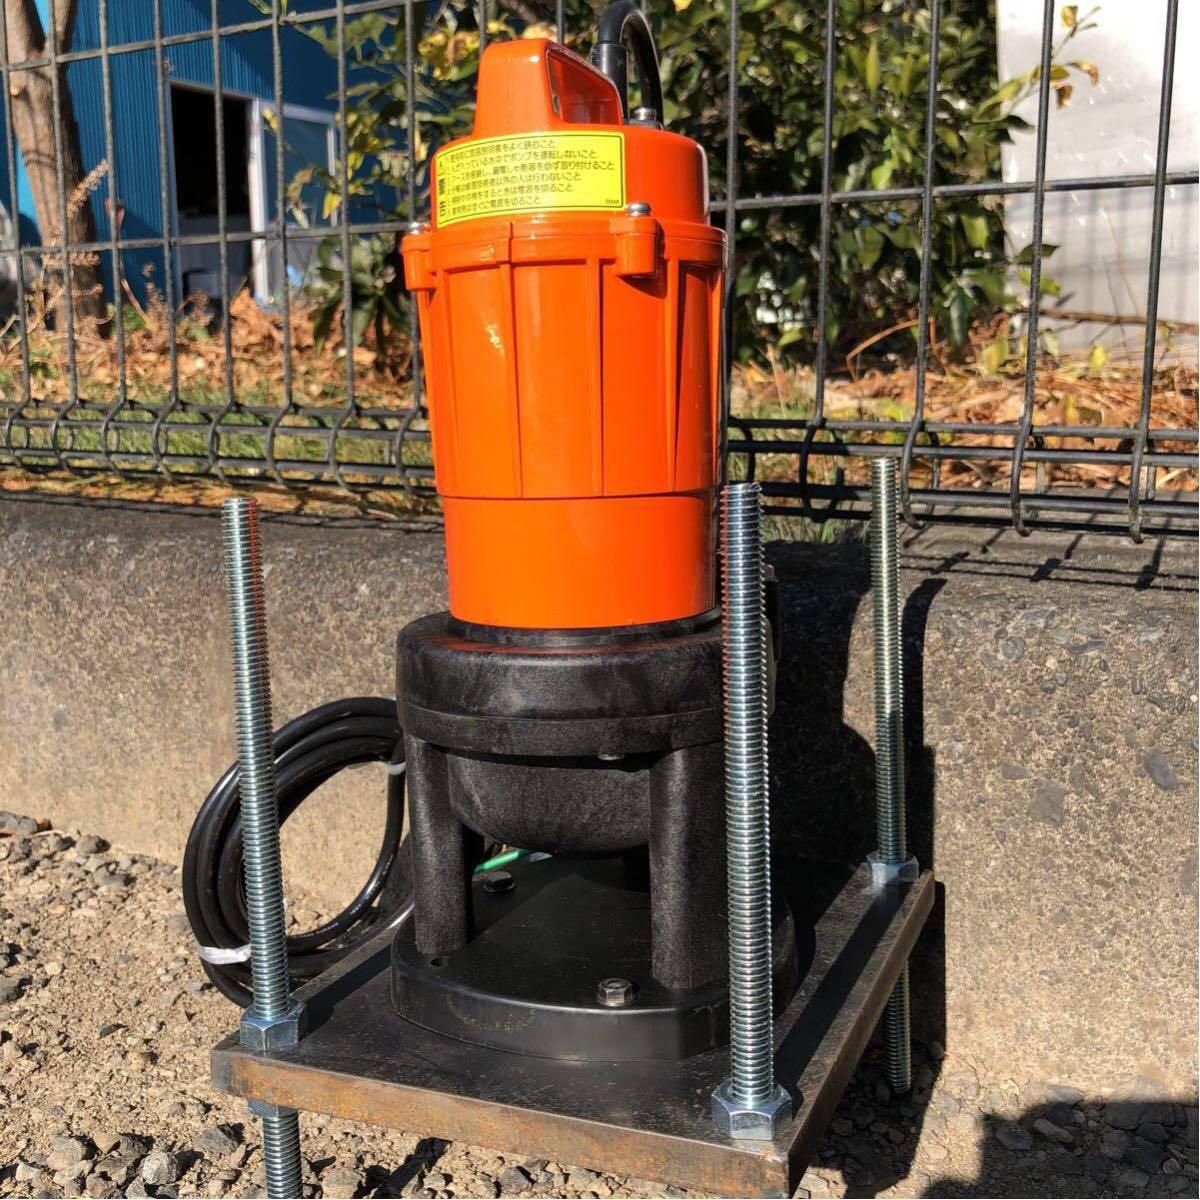 テラダ 水中汚物ポンプ ニューダートSX-150 (非自動型) 100v 60HZ 未使用 新古品(長期保管品)[付属品 取扱説明書付]送料込